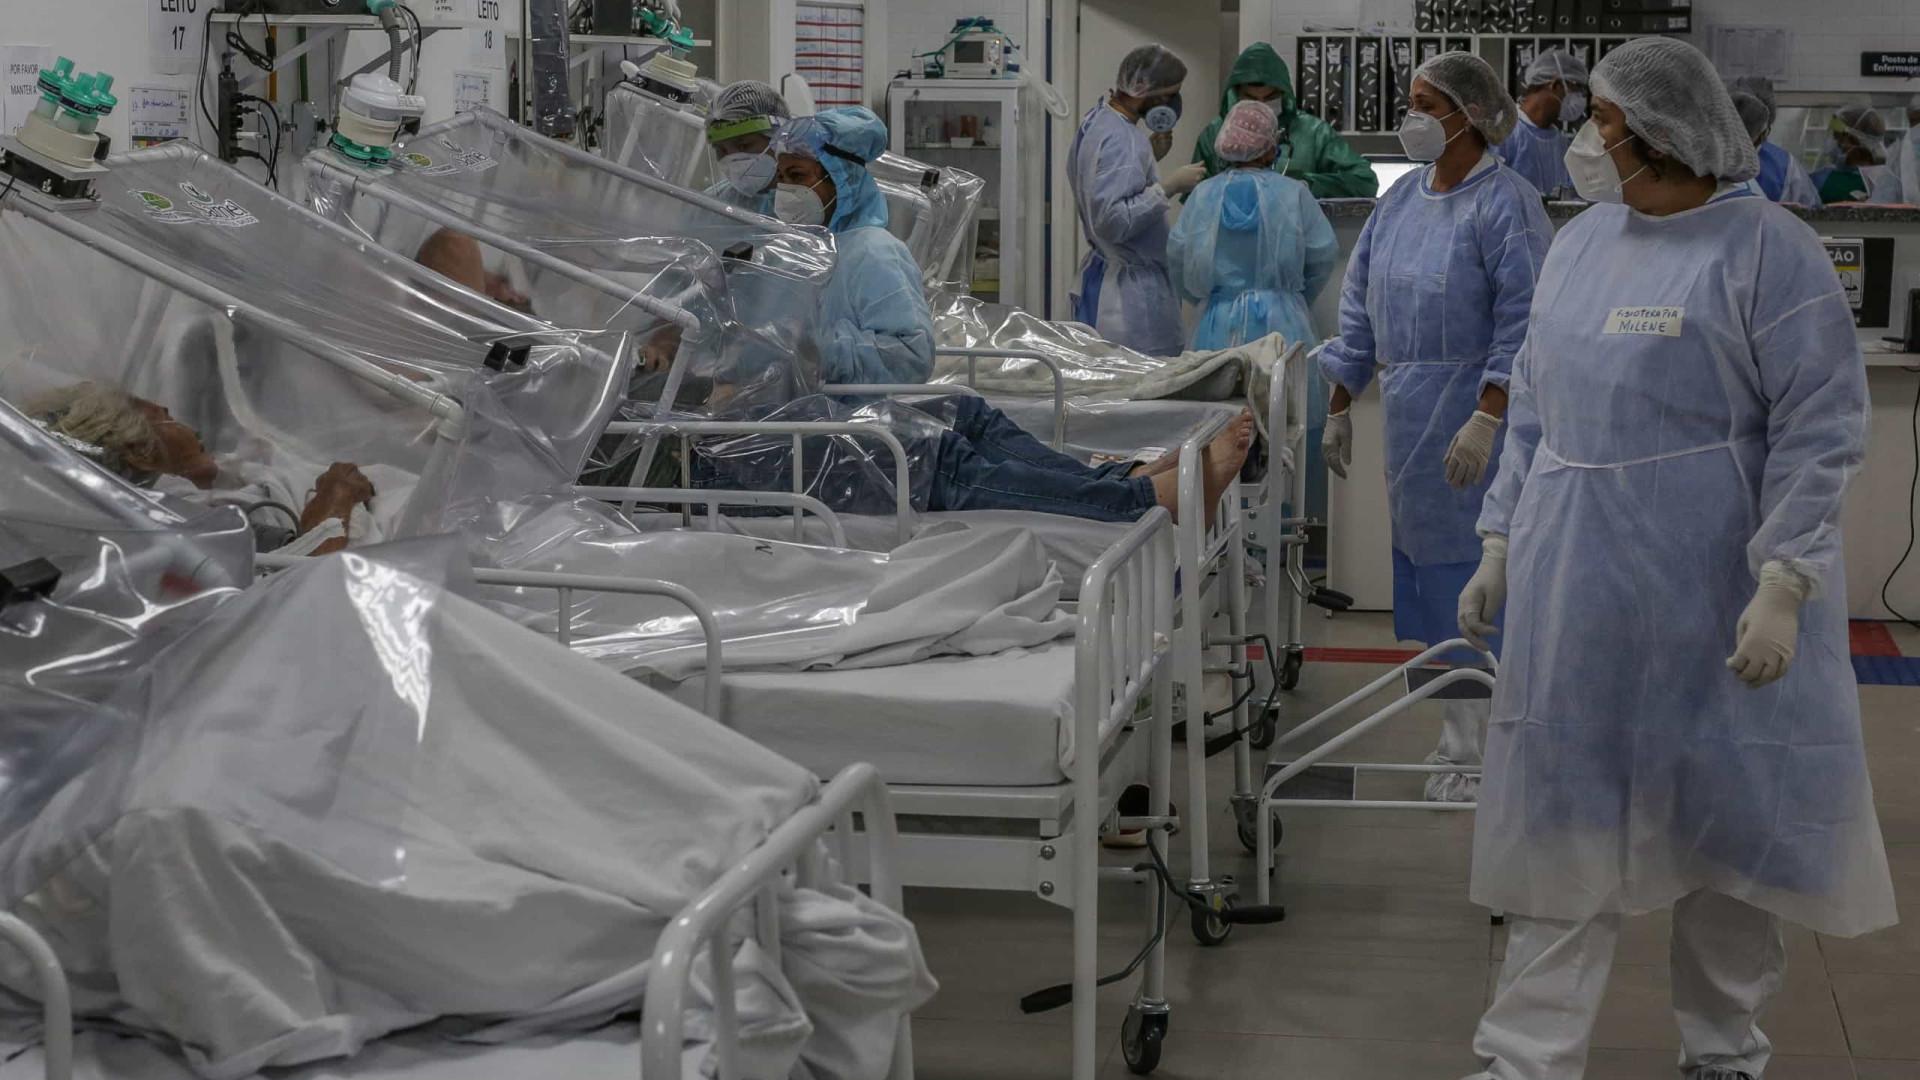 Hospitais privados de Manaus acionam Justiça para garantir oxigênio